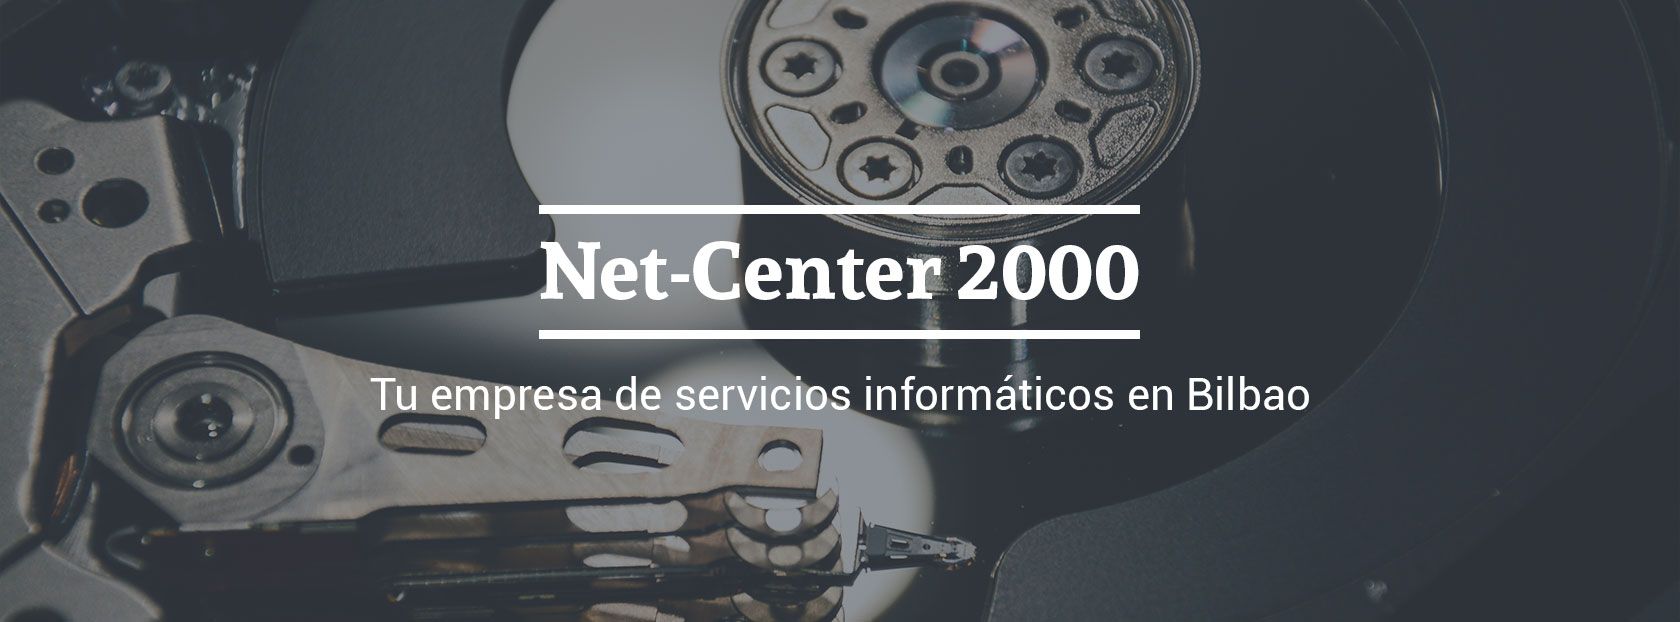 Servicios informáticos en Bilbao - Net-Center 2000